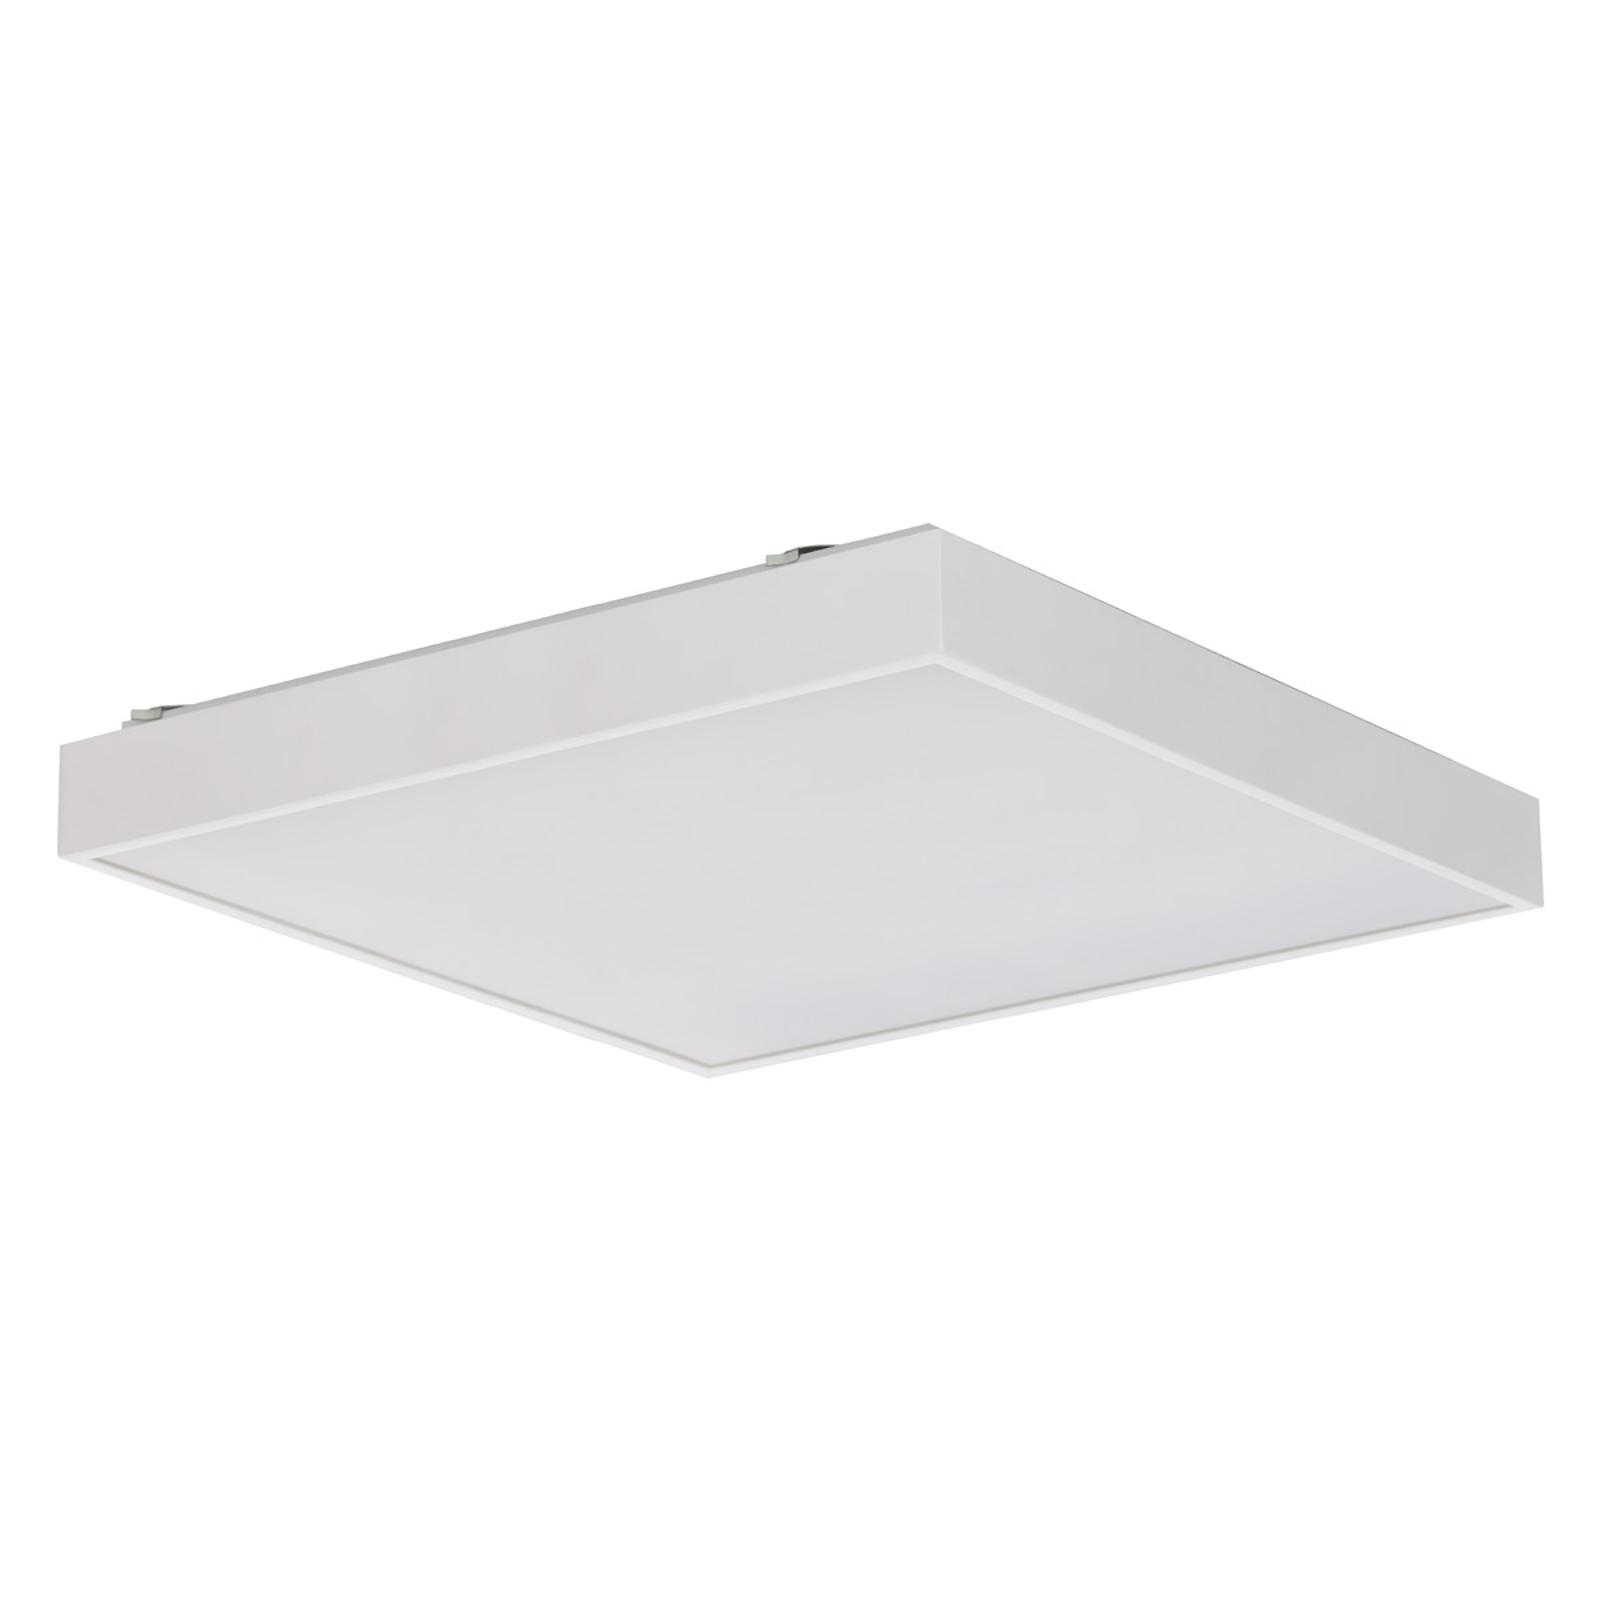 Sparsame LED-Deckenleuchte Q6 weiß EVG